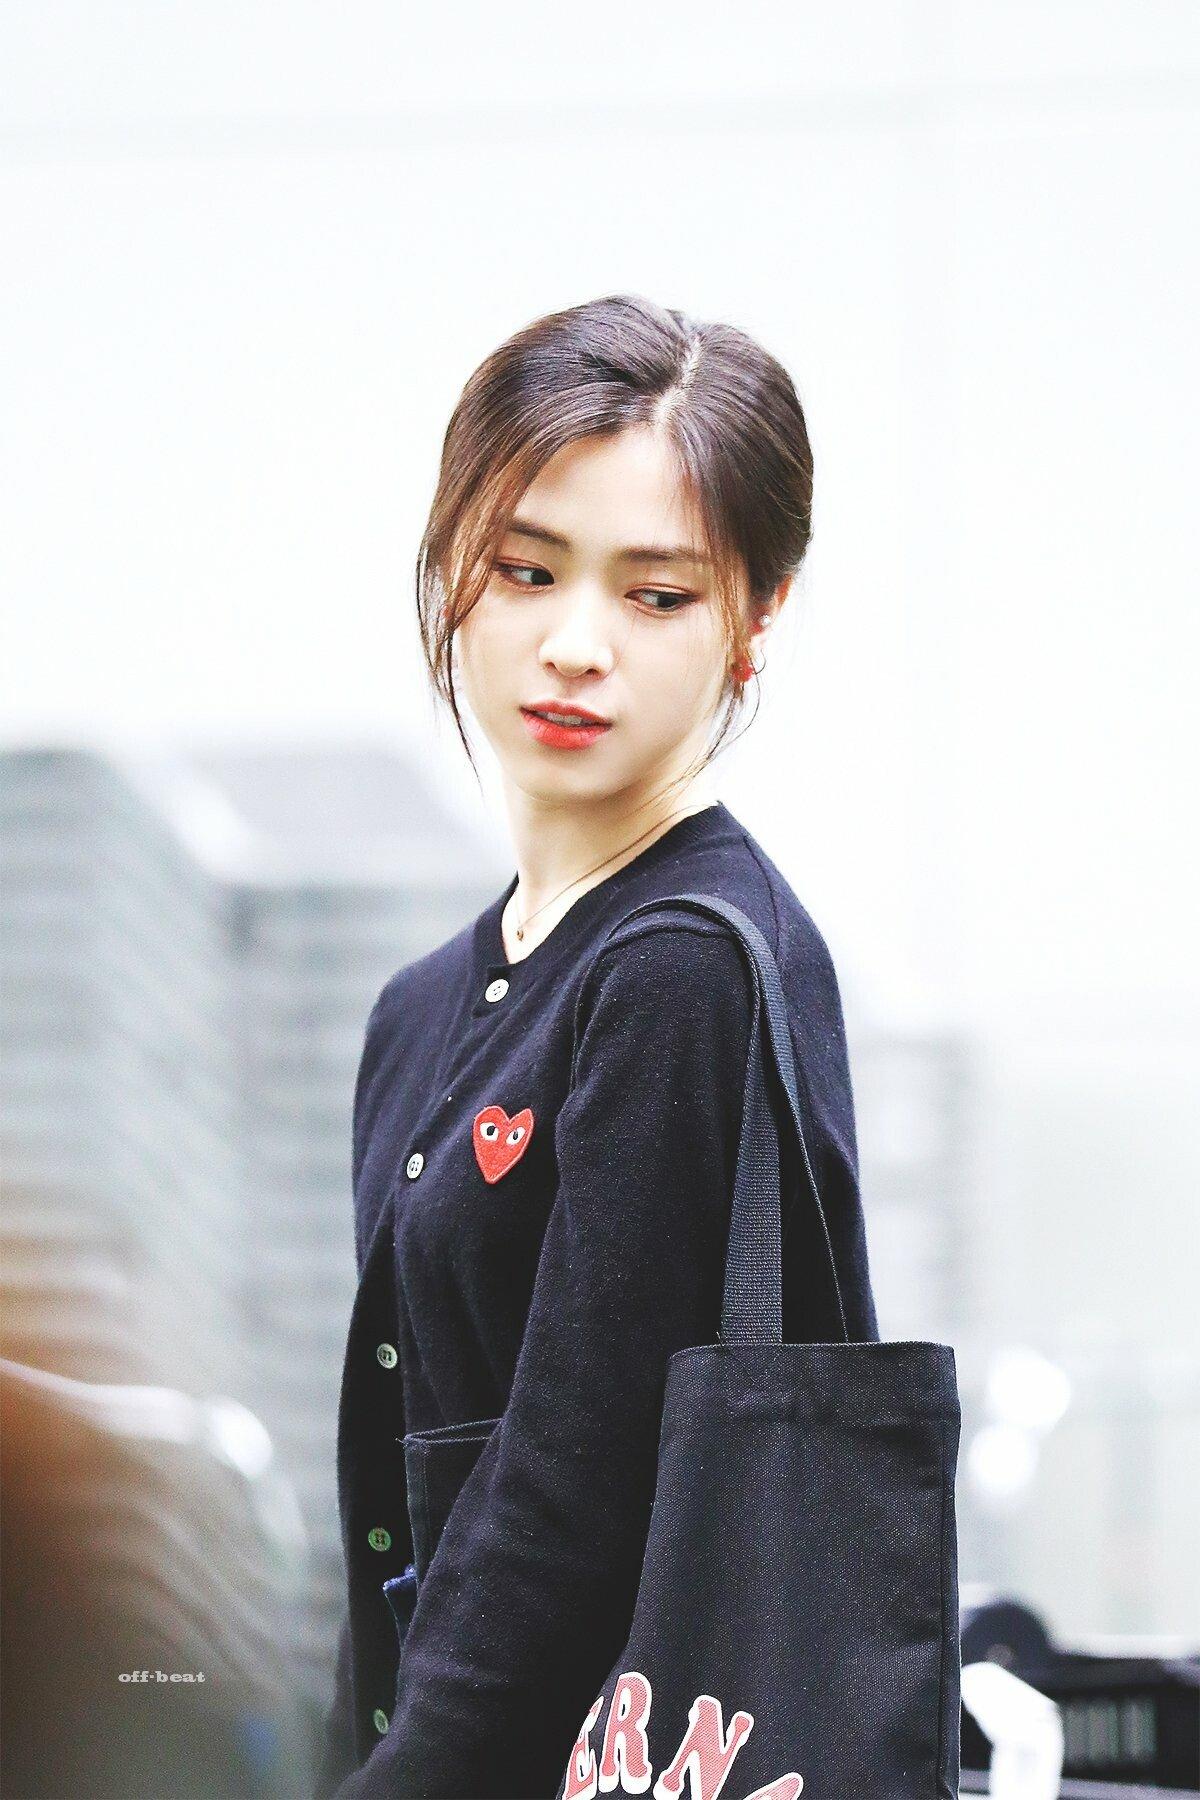 'Cô nàng đẹp trai' nhất KPOP chẳng phải chính là Ryu Jin (ITZY) hay sao?